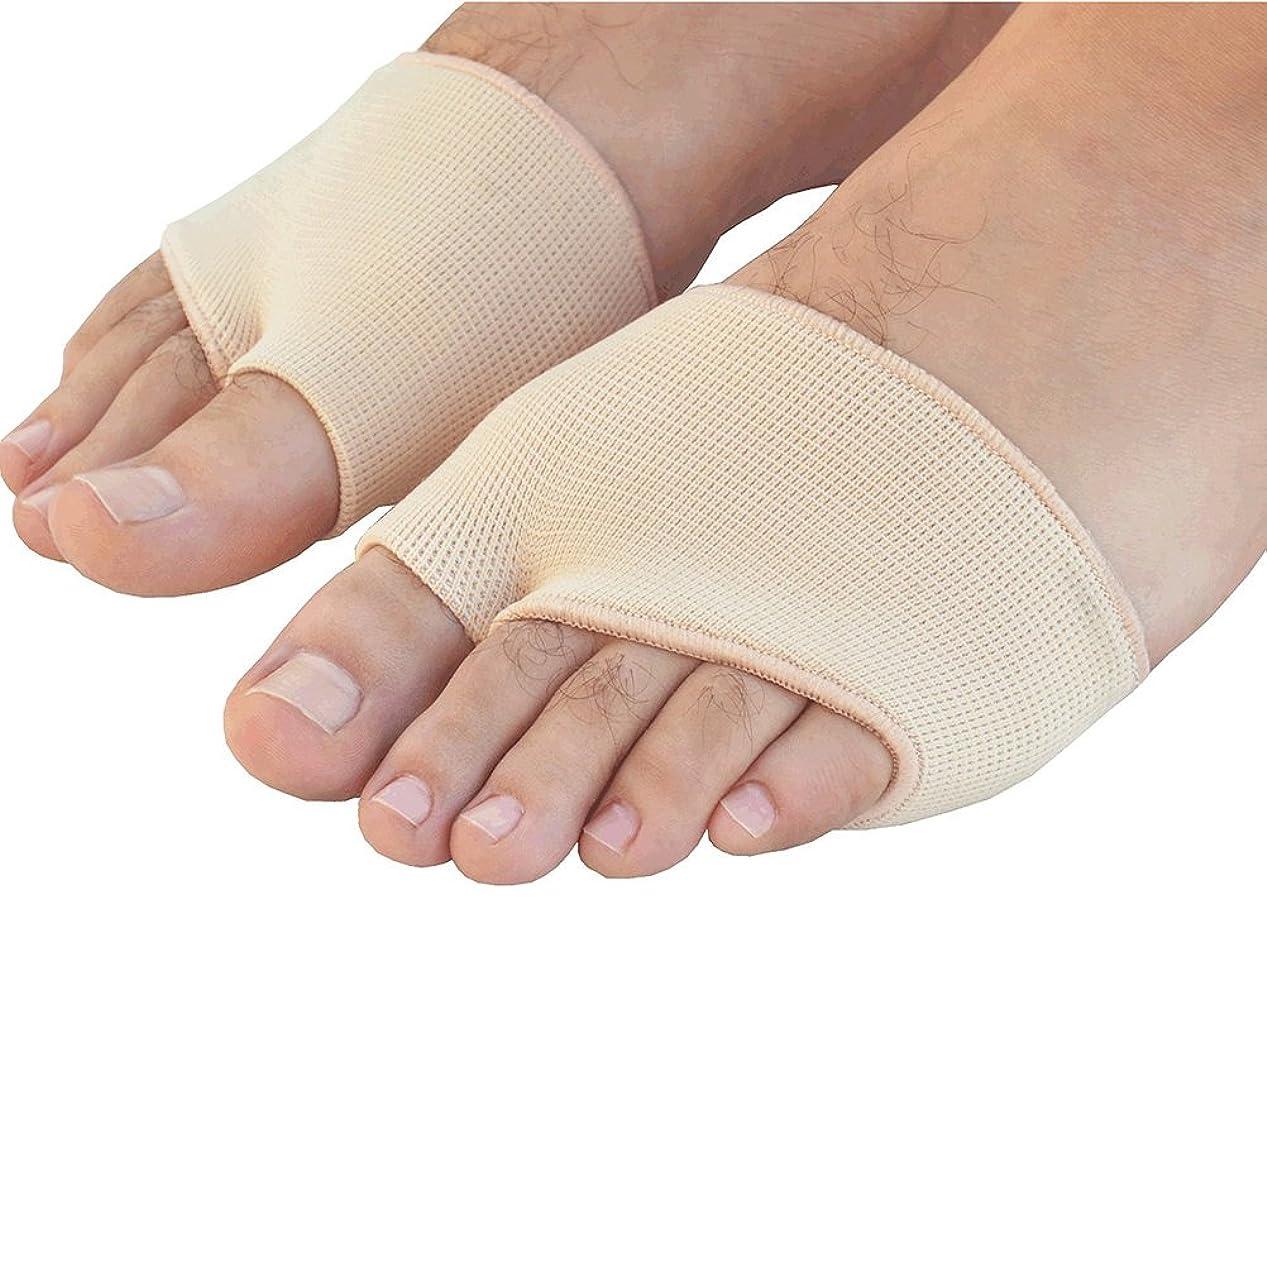 爬虫類恩赦羊飼いROSENICE ゲル前足中足骨の痛み救済吸収クッション パッド 足底筋膜炎インソール 衝撃吸収 サイズS(肌の色)